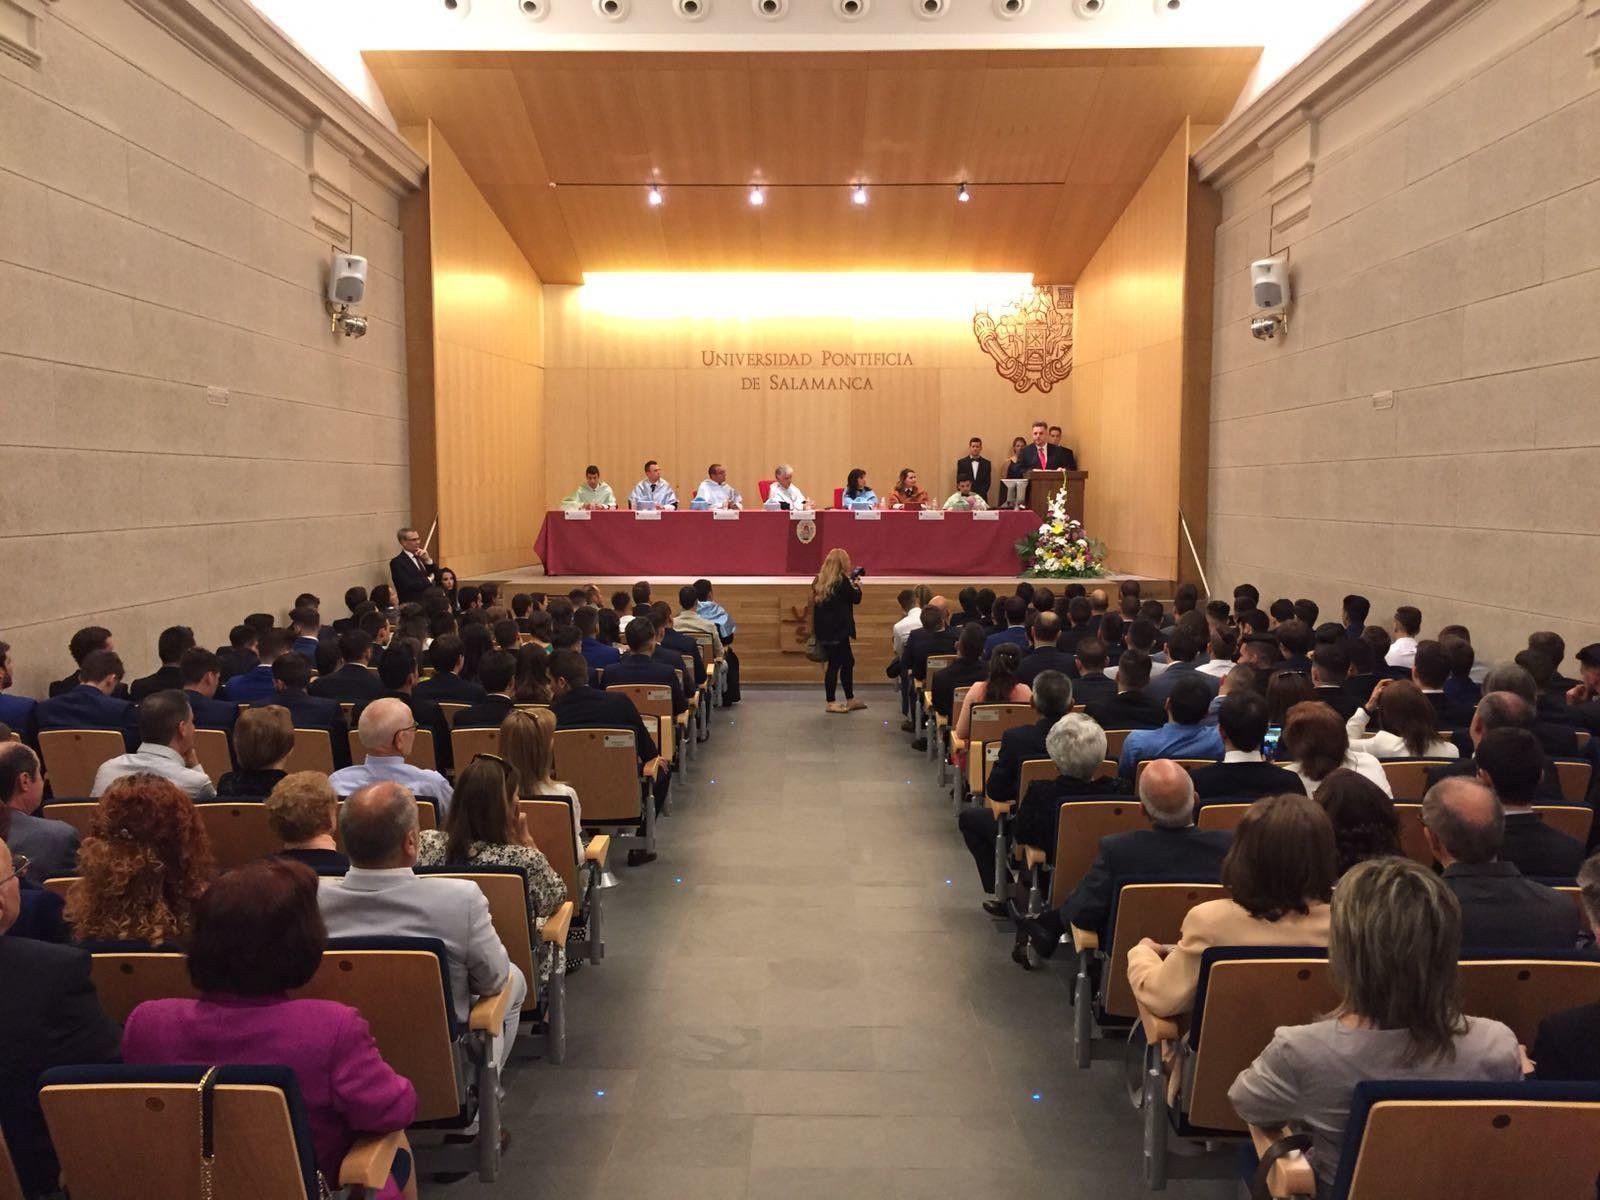 Nueva jornada de graduaciones en la upsa for Cerrajeros salamanca 24 horas